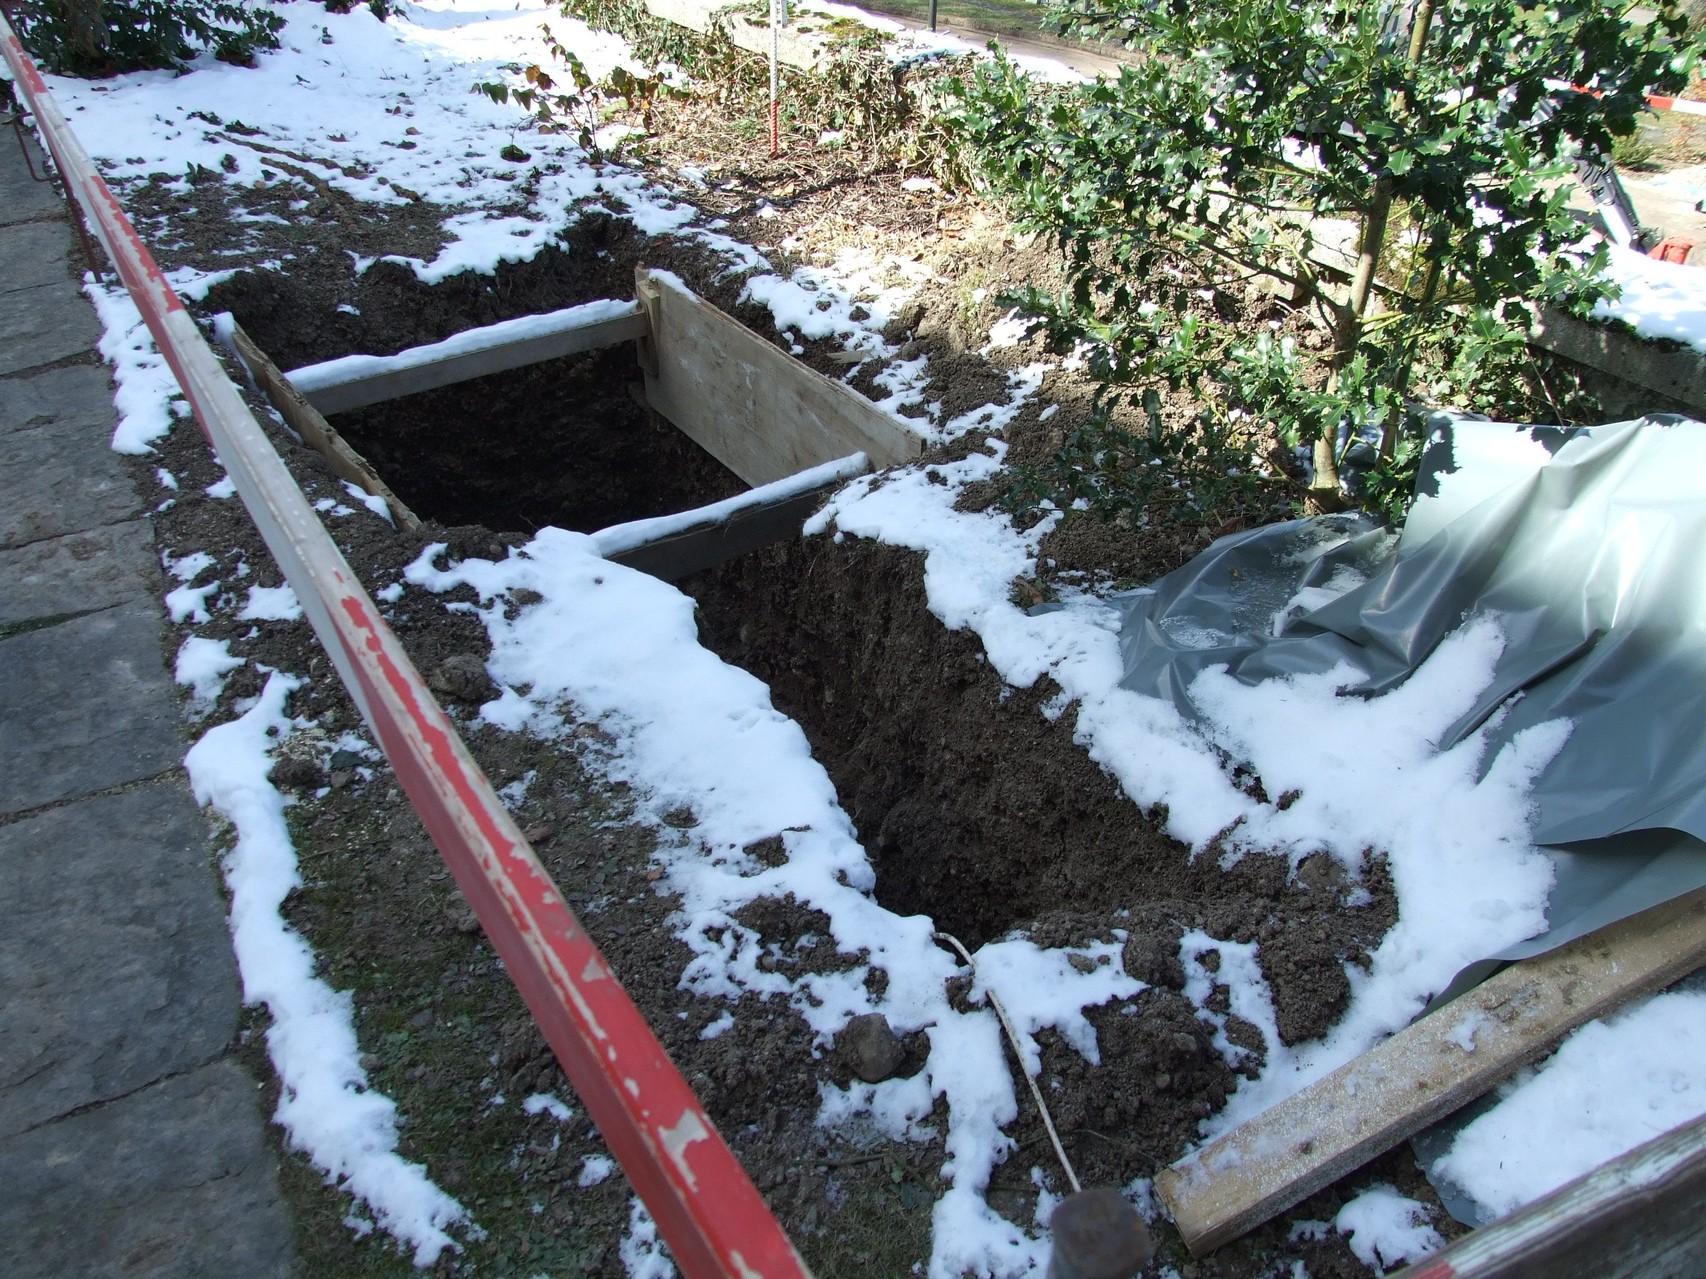 16. März 2013: Oberhalb der Mauer müssen umfangreiche grabungsarbeiten fpür neue Leitungen durchgeführt werden.